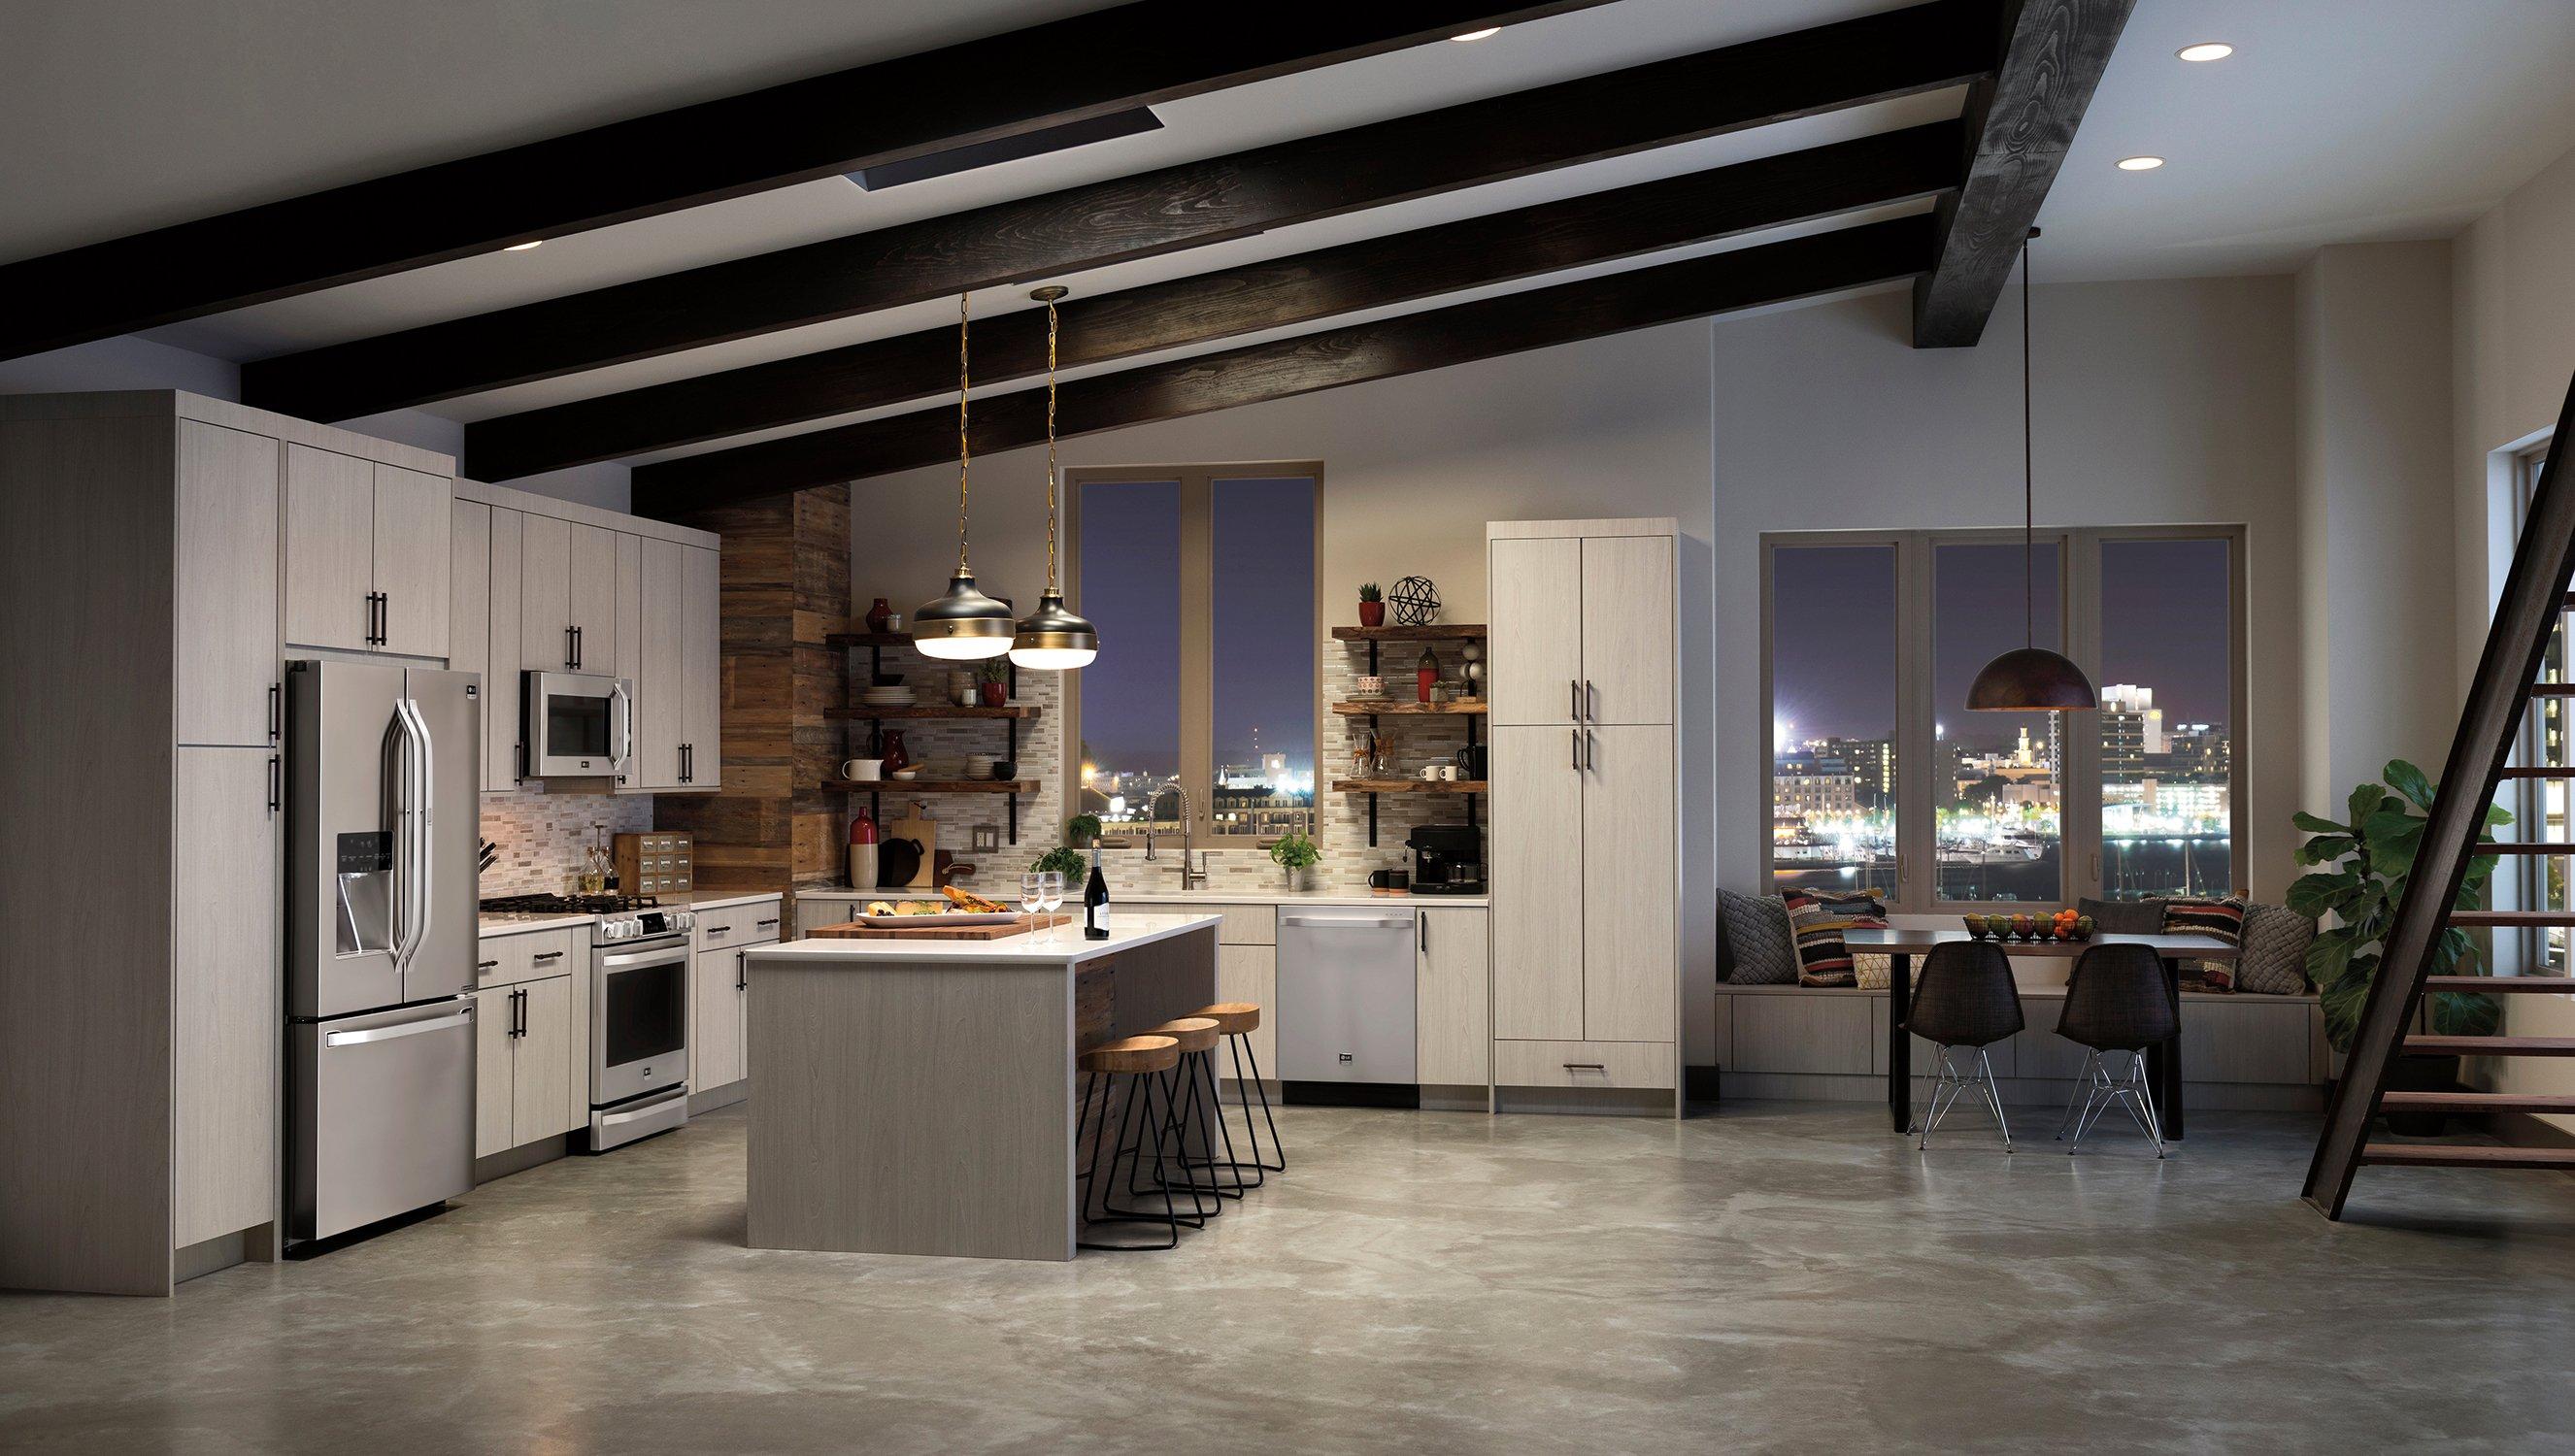 LG Studio Kitchen